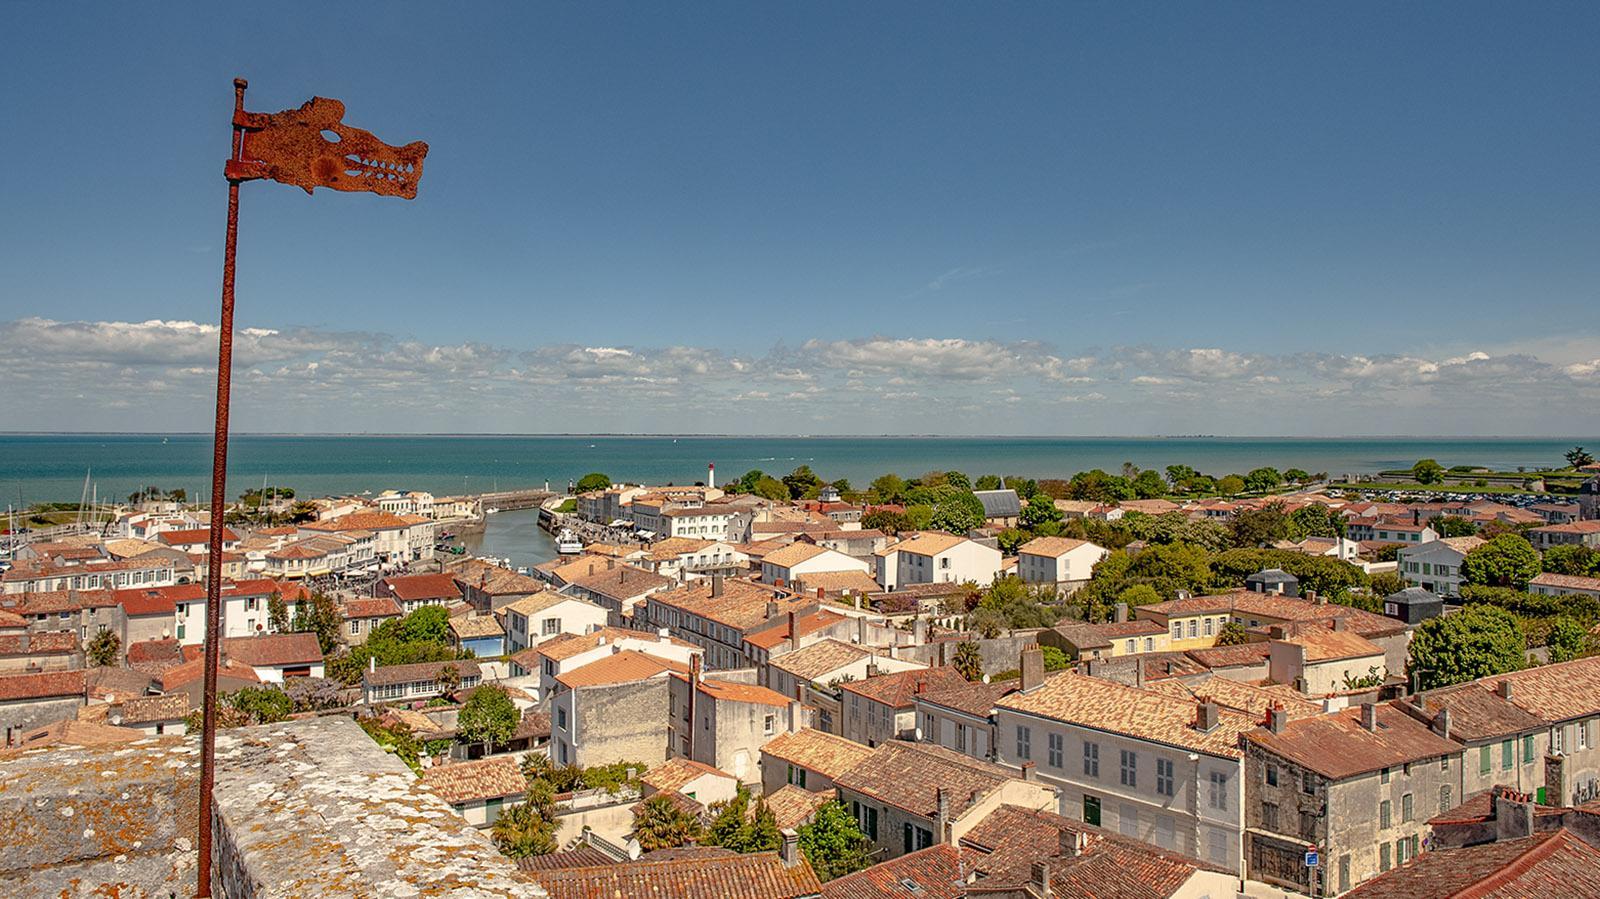 Île de R: Kirchturmblick auf Sainte-Marie-de-Ré. Foto: Hilke Maunder